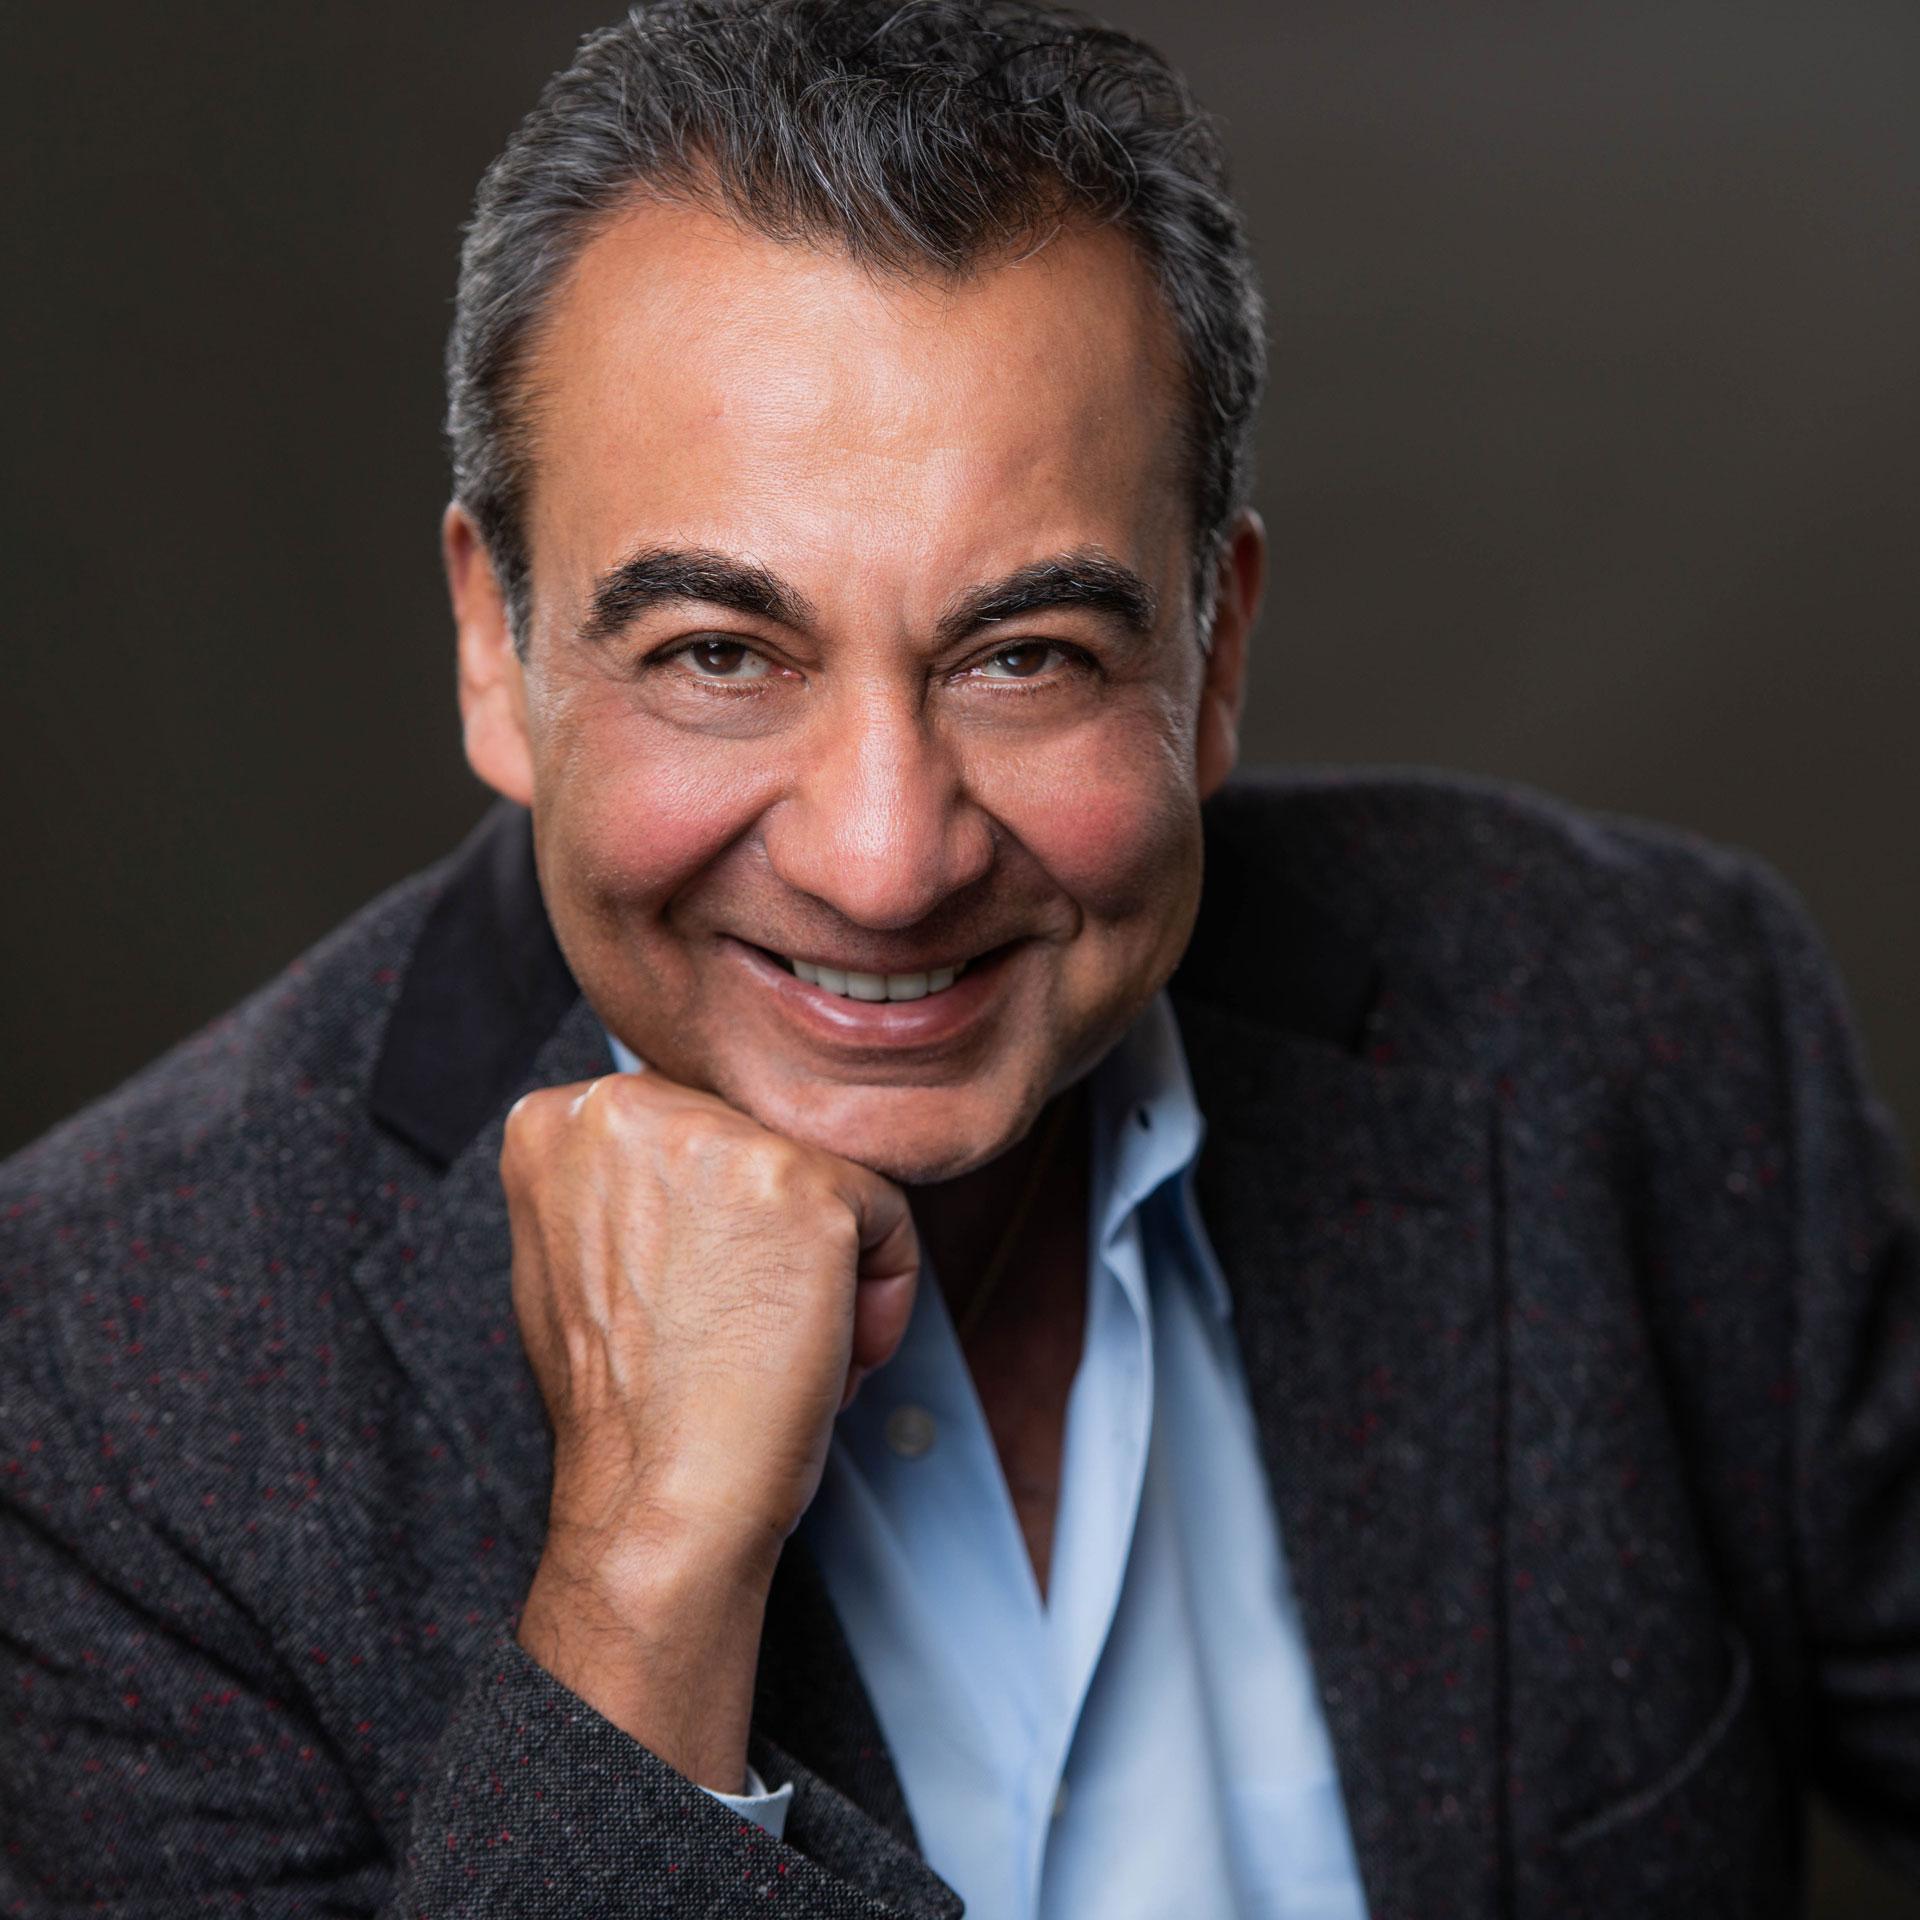 Azim Khamisa